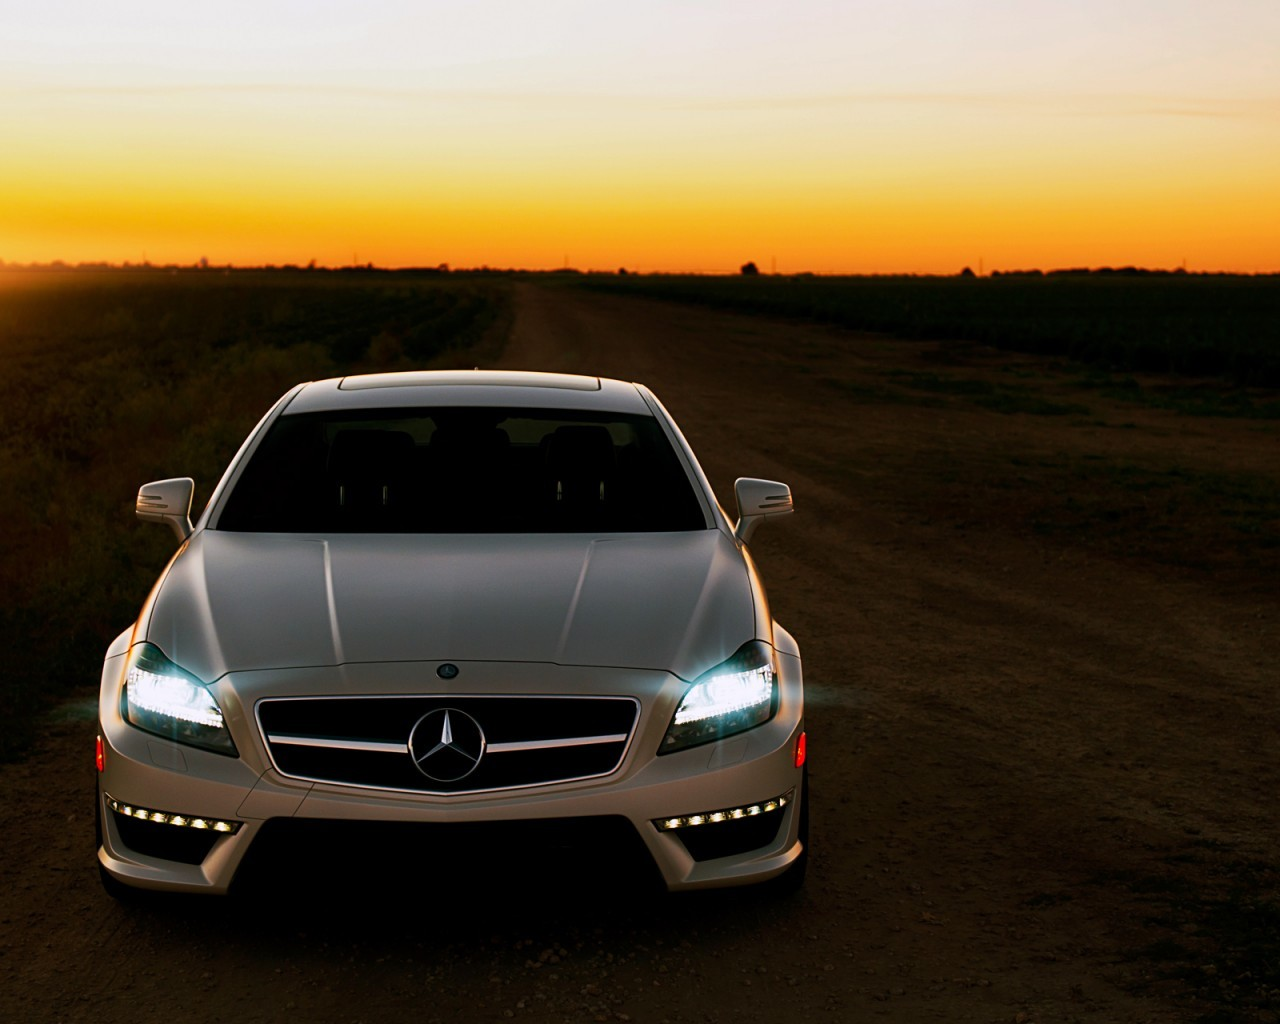 31100 скачать обои Мерседес (Mercedes), Машины, Транспорт - заставки и картинки бесплатно